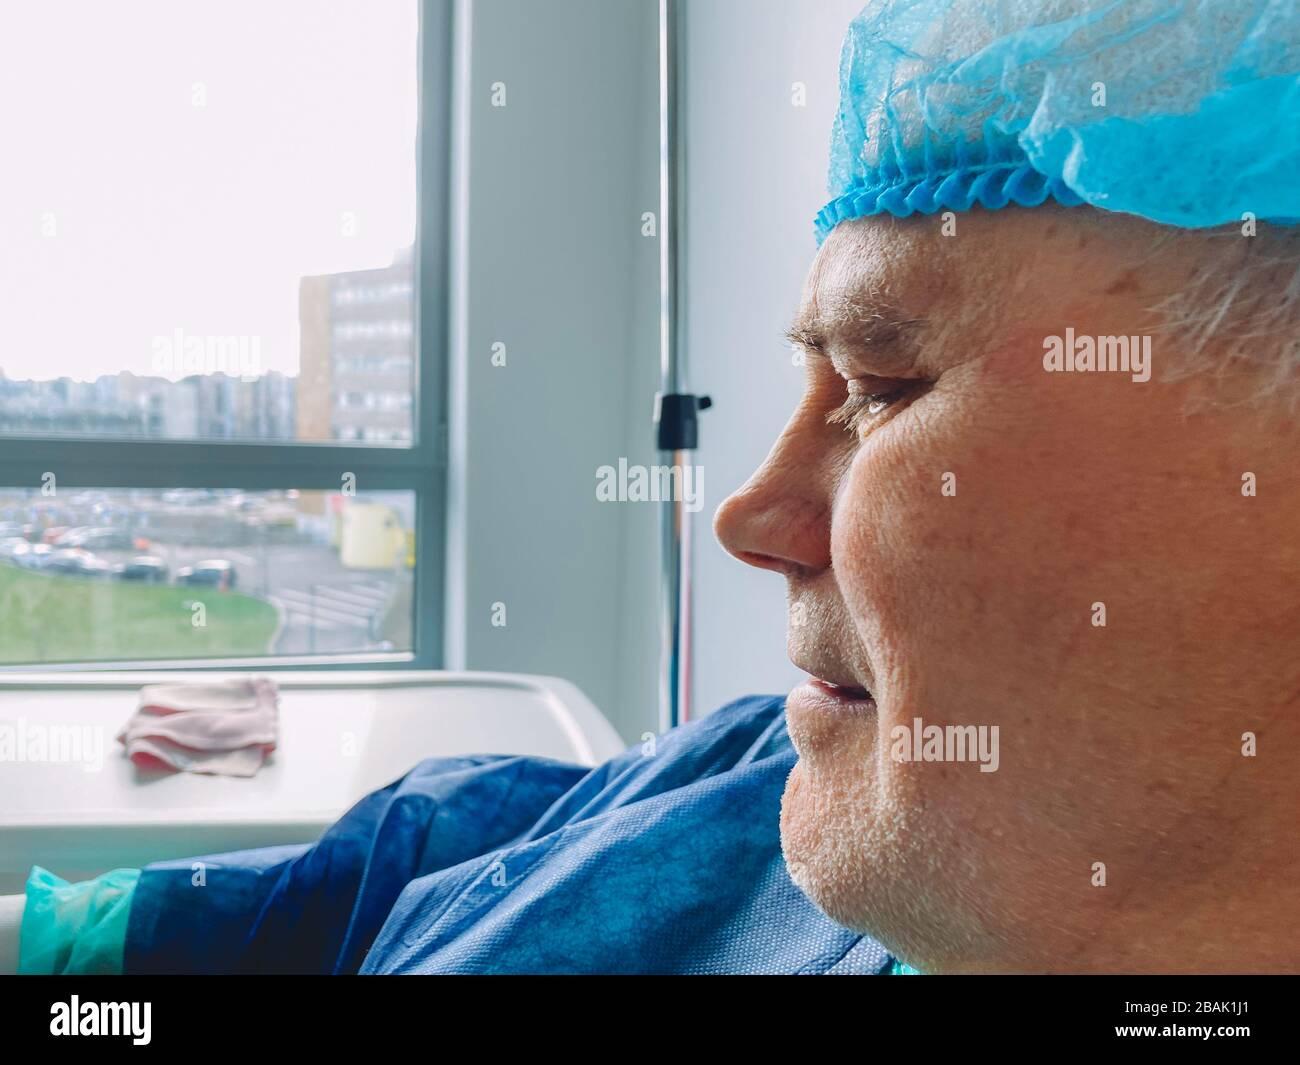 Nahaufnahme des männlichen Chefgesichts im medizinischen Stuhl im modernen Krankenhaus in Frankreich, das nach einer Infektion aufliegt. Virus Coronavirus optimistische Ansicht Stockfoto